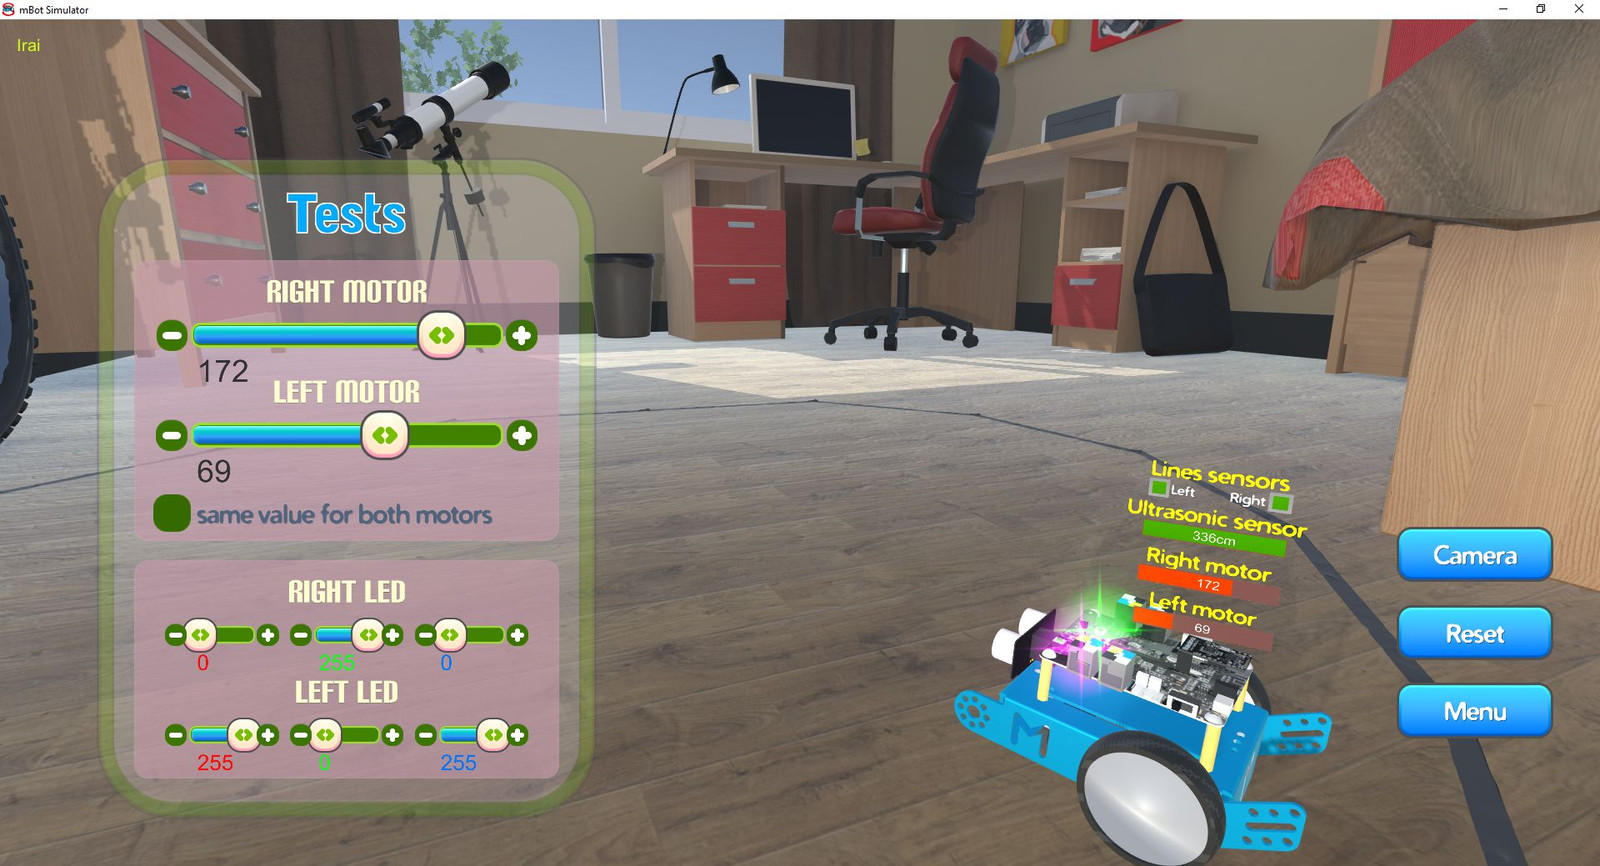 irai | mBot simulator / Simulateur mBot